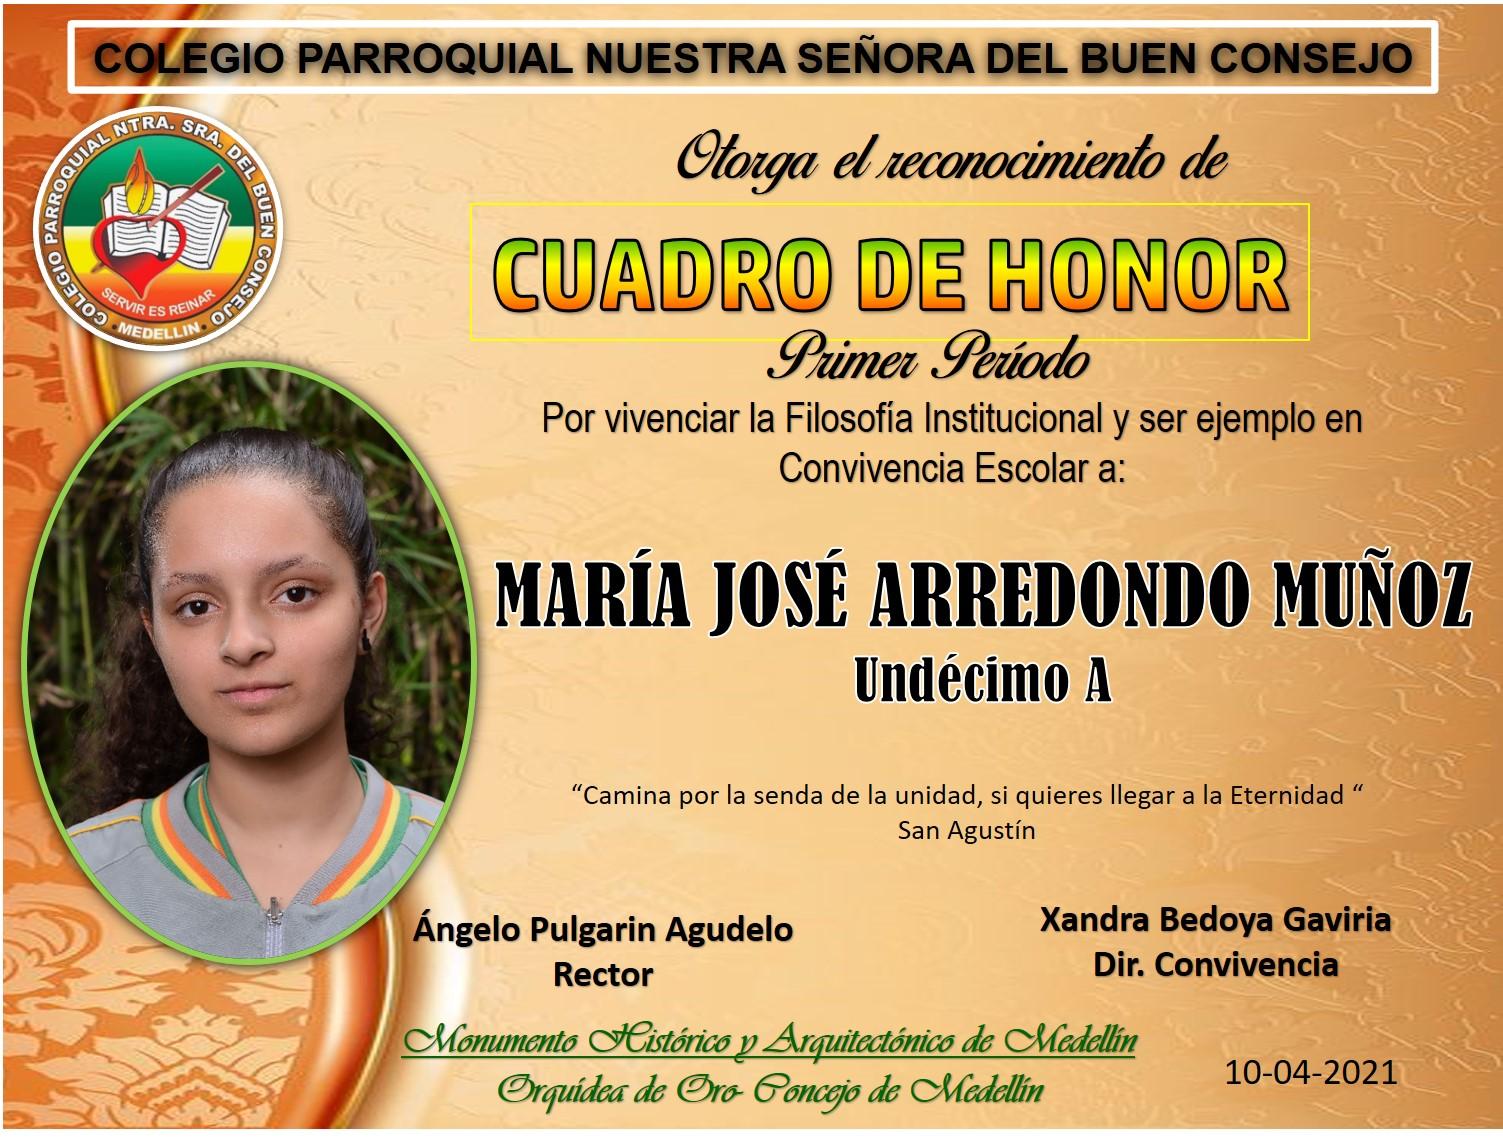 11° MARÍA JOSÉ ARRENDONO MUÑOZ